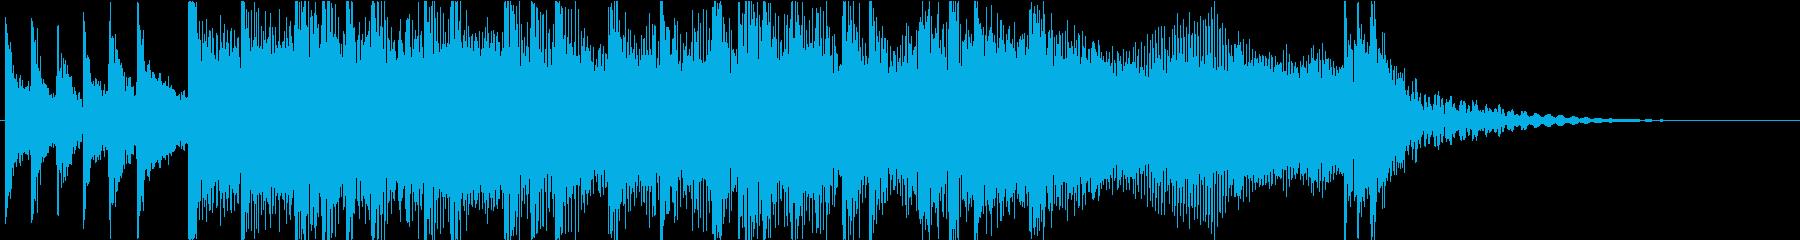 生演奏ギターのハードロックジングルの再生済みの波形